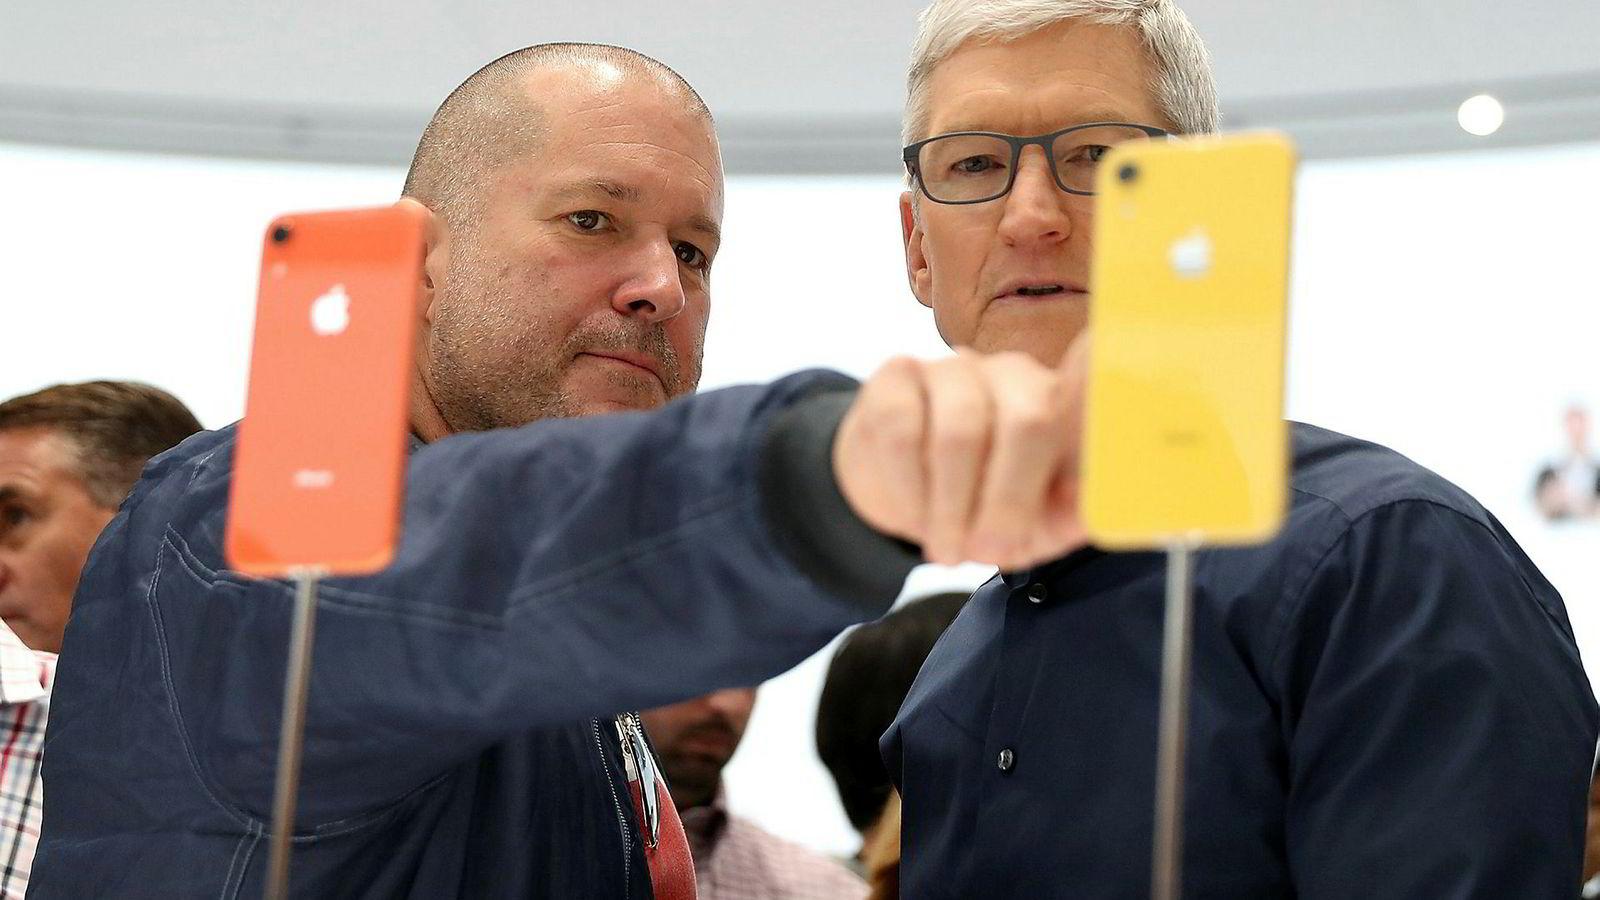 Apples sjefdesigner gjennom mange år, Jony (Jonathan) Ive (til venstre) slutter i selskapet. Her står han sammen med Apple-sjef Tim Cook.